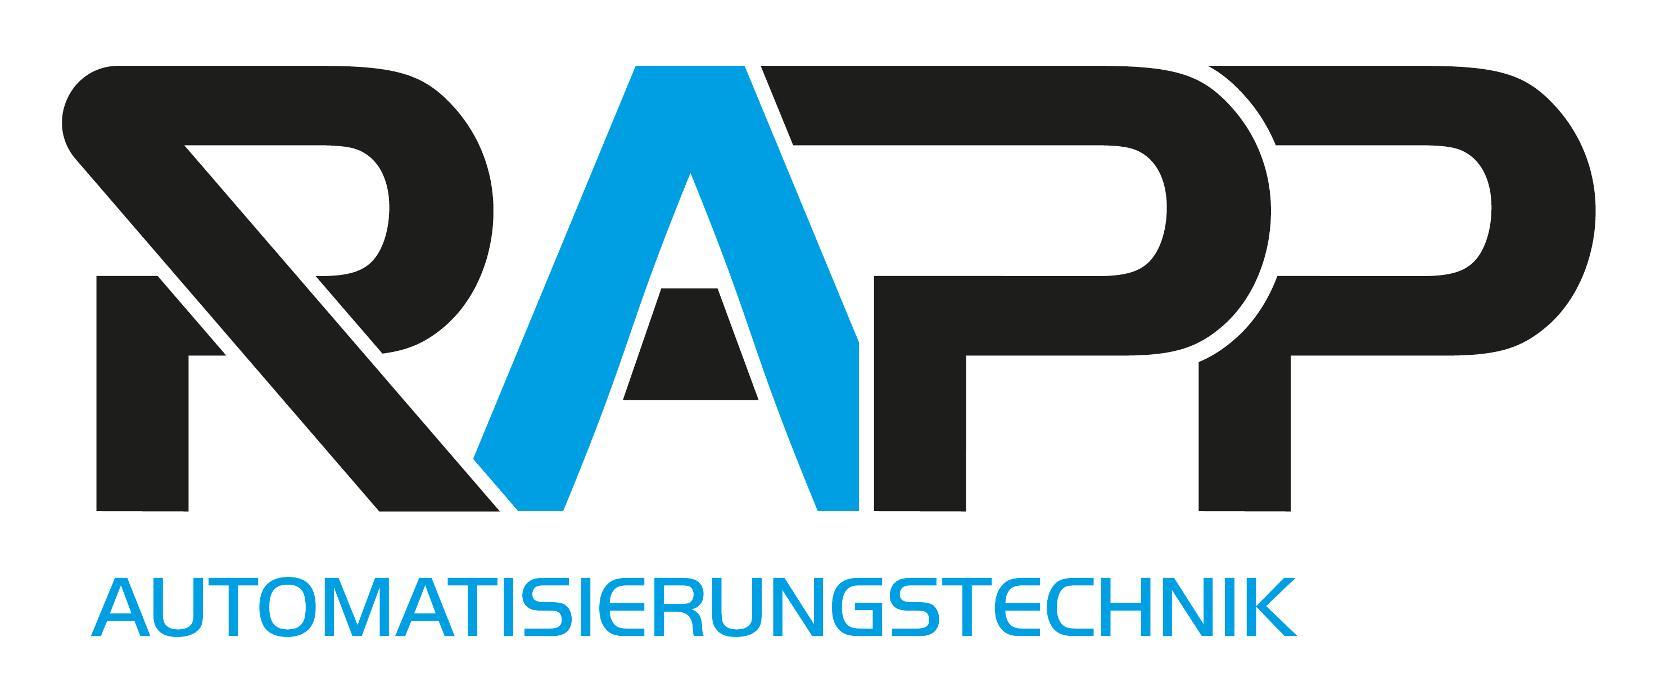 Bild zu Marcel Rapp Automatisierungstechnik in Jüchen